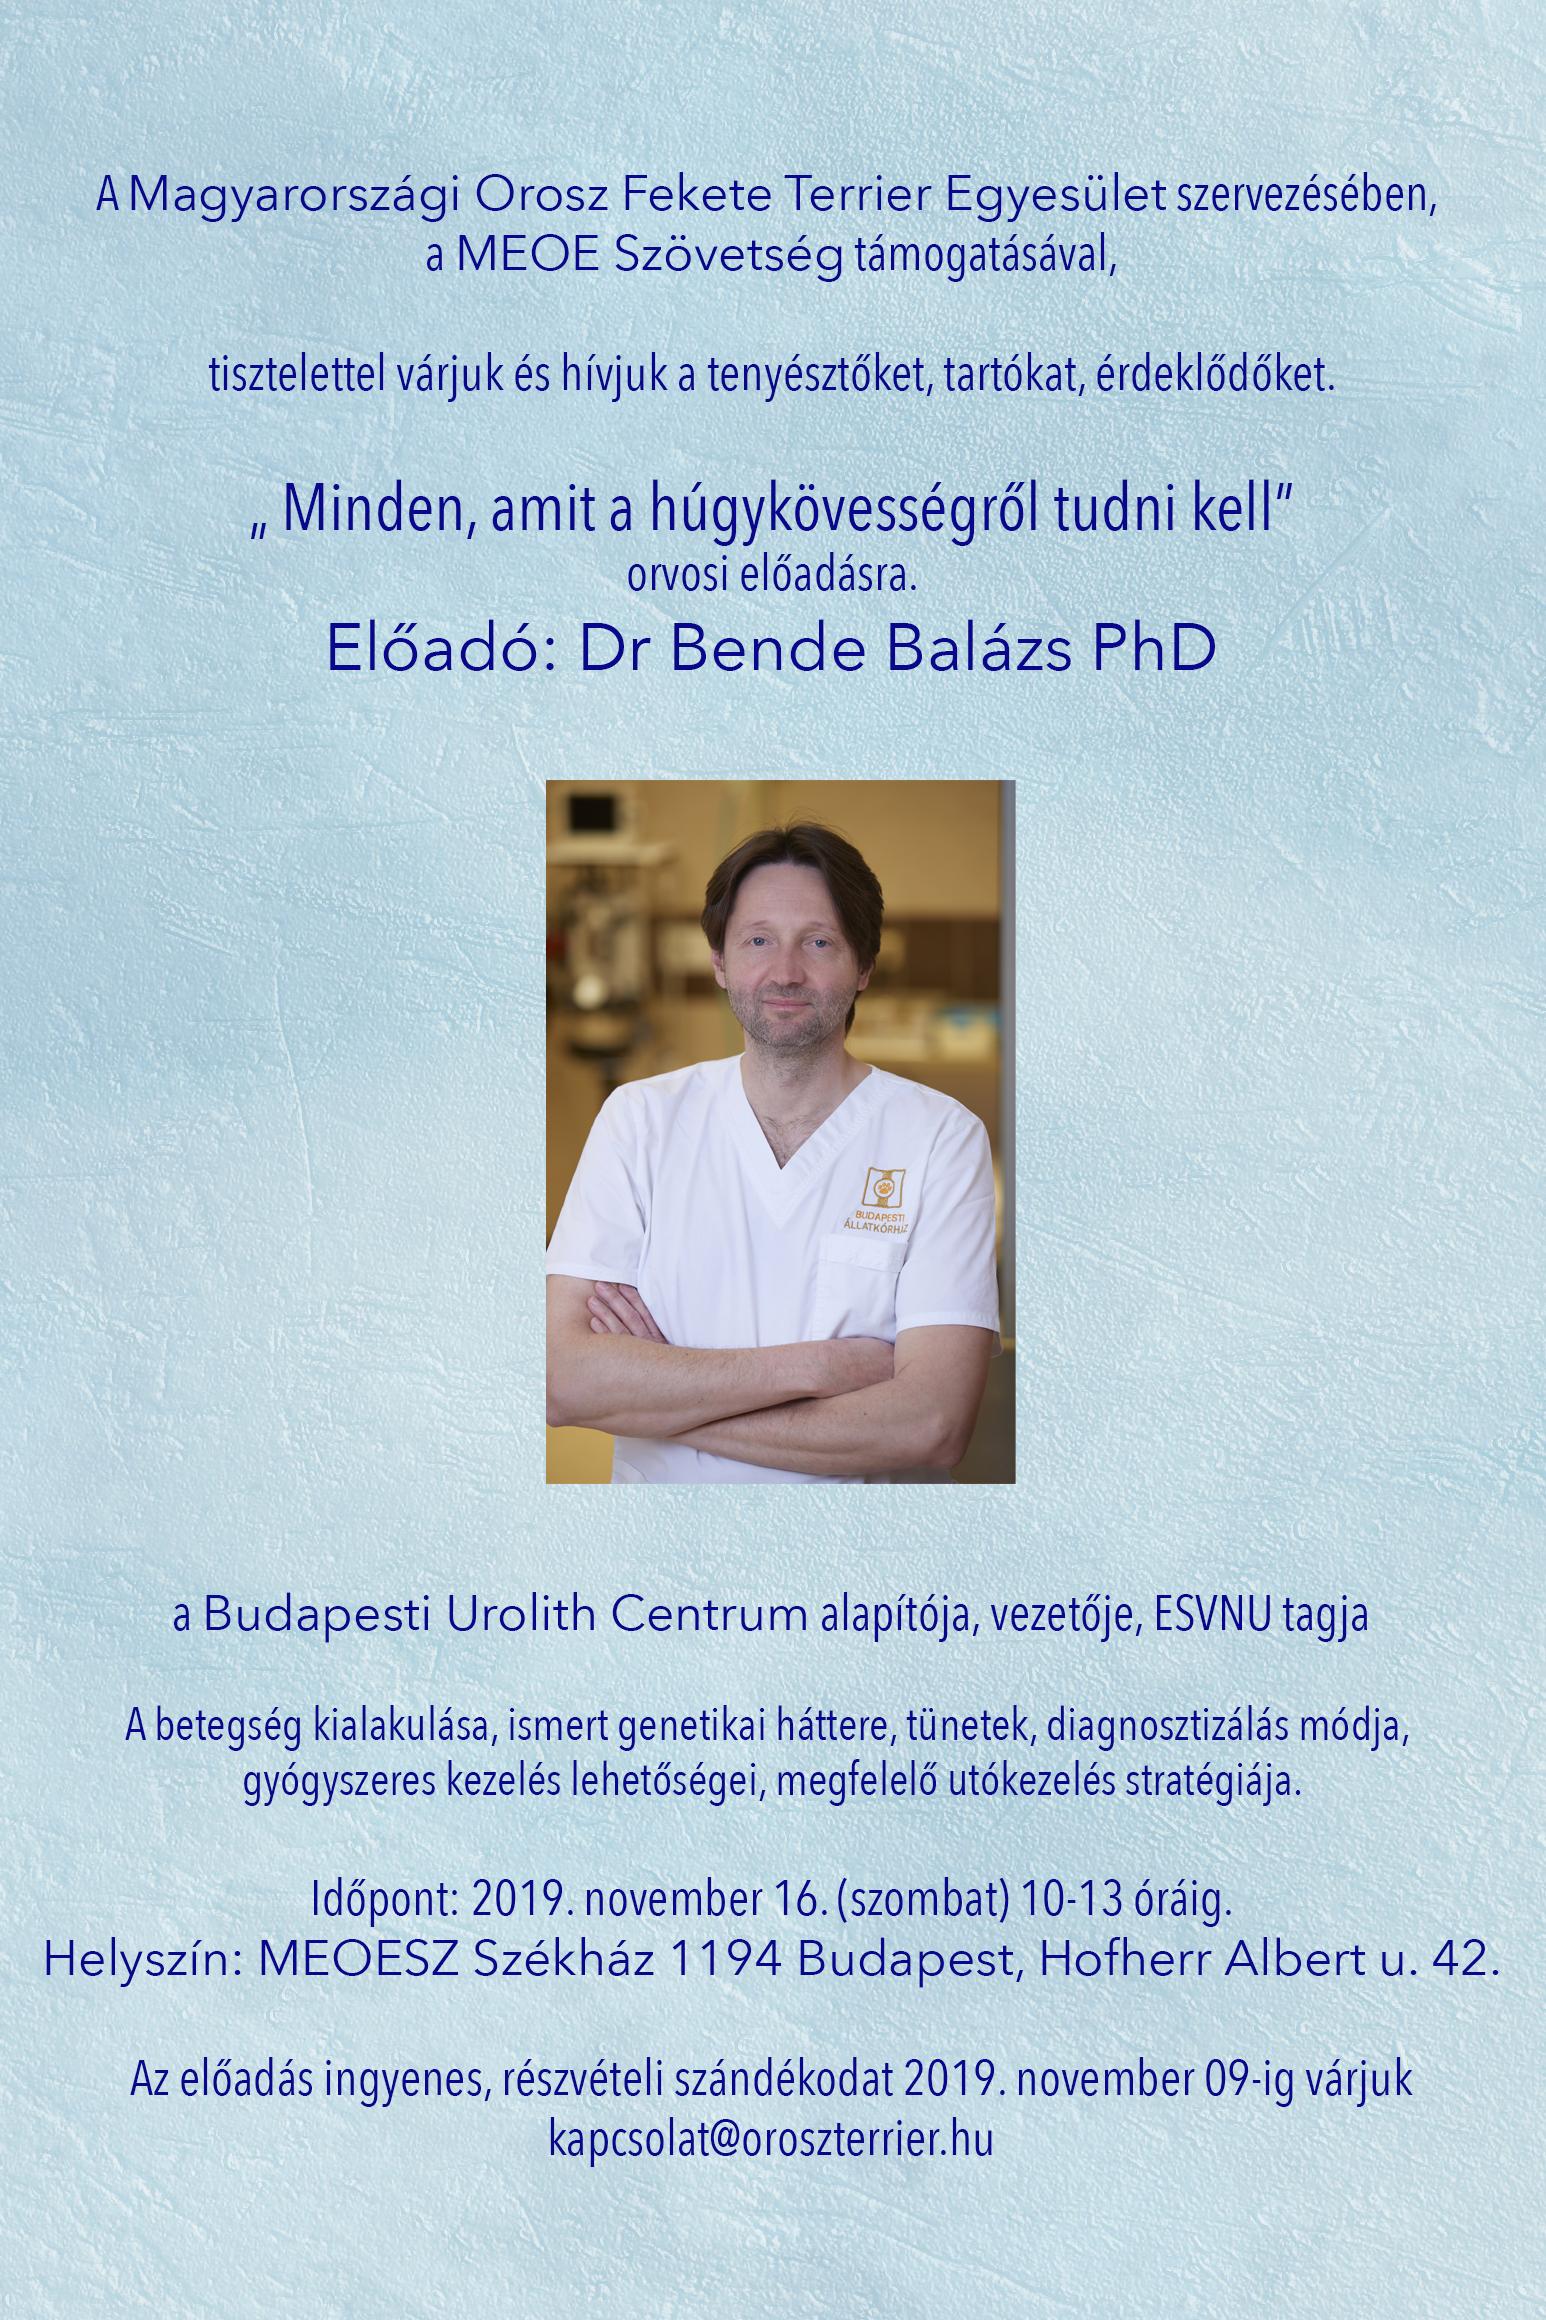 Dr. Bende Balázs PhD előadása